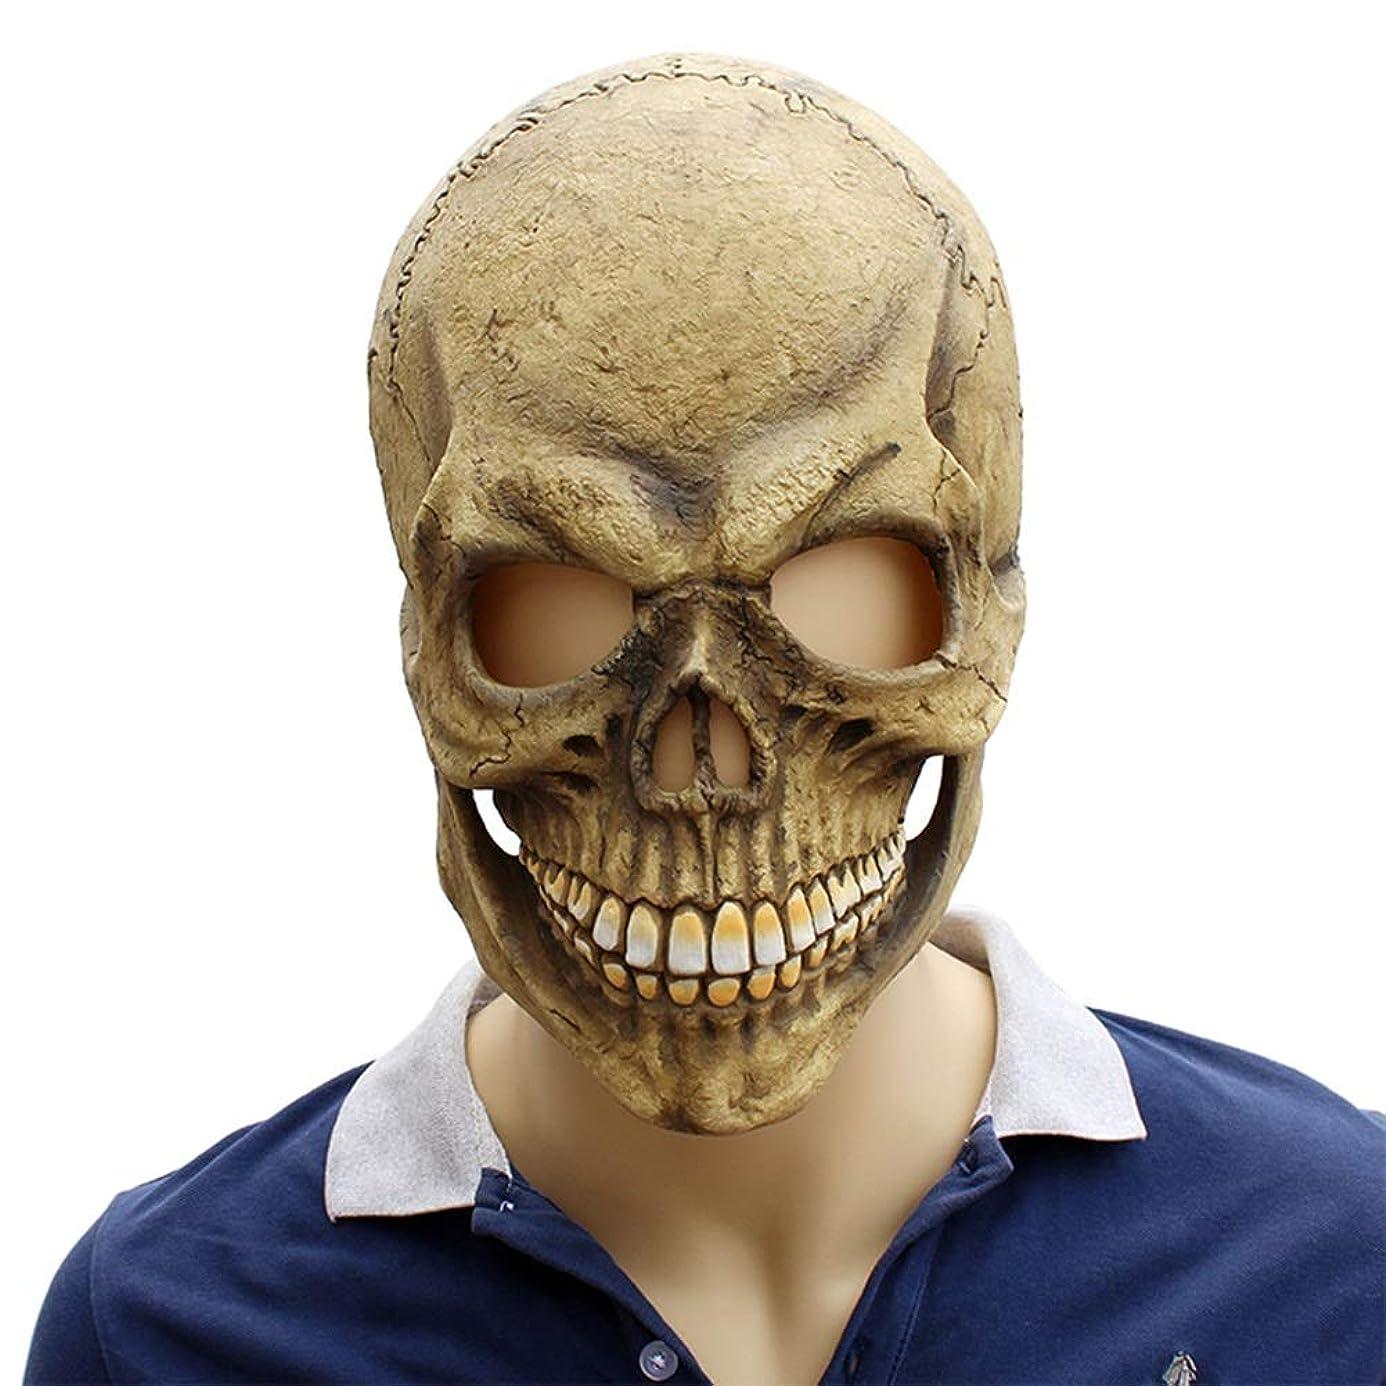 バース魔女聖職者ハロウィーンマスク、ホラースカルマスク、クリエイティブな面白いヘッドマスク、ラテックスVizardマスク、コスチュームプロップトカゲマスク